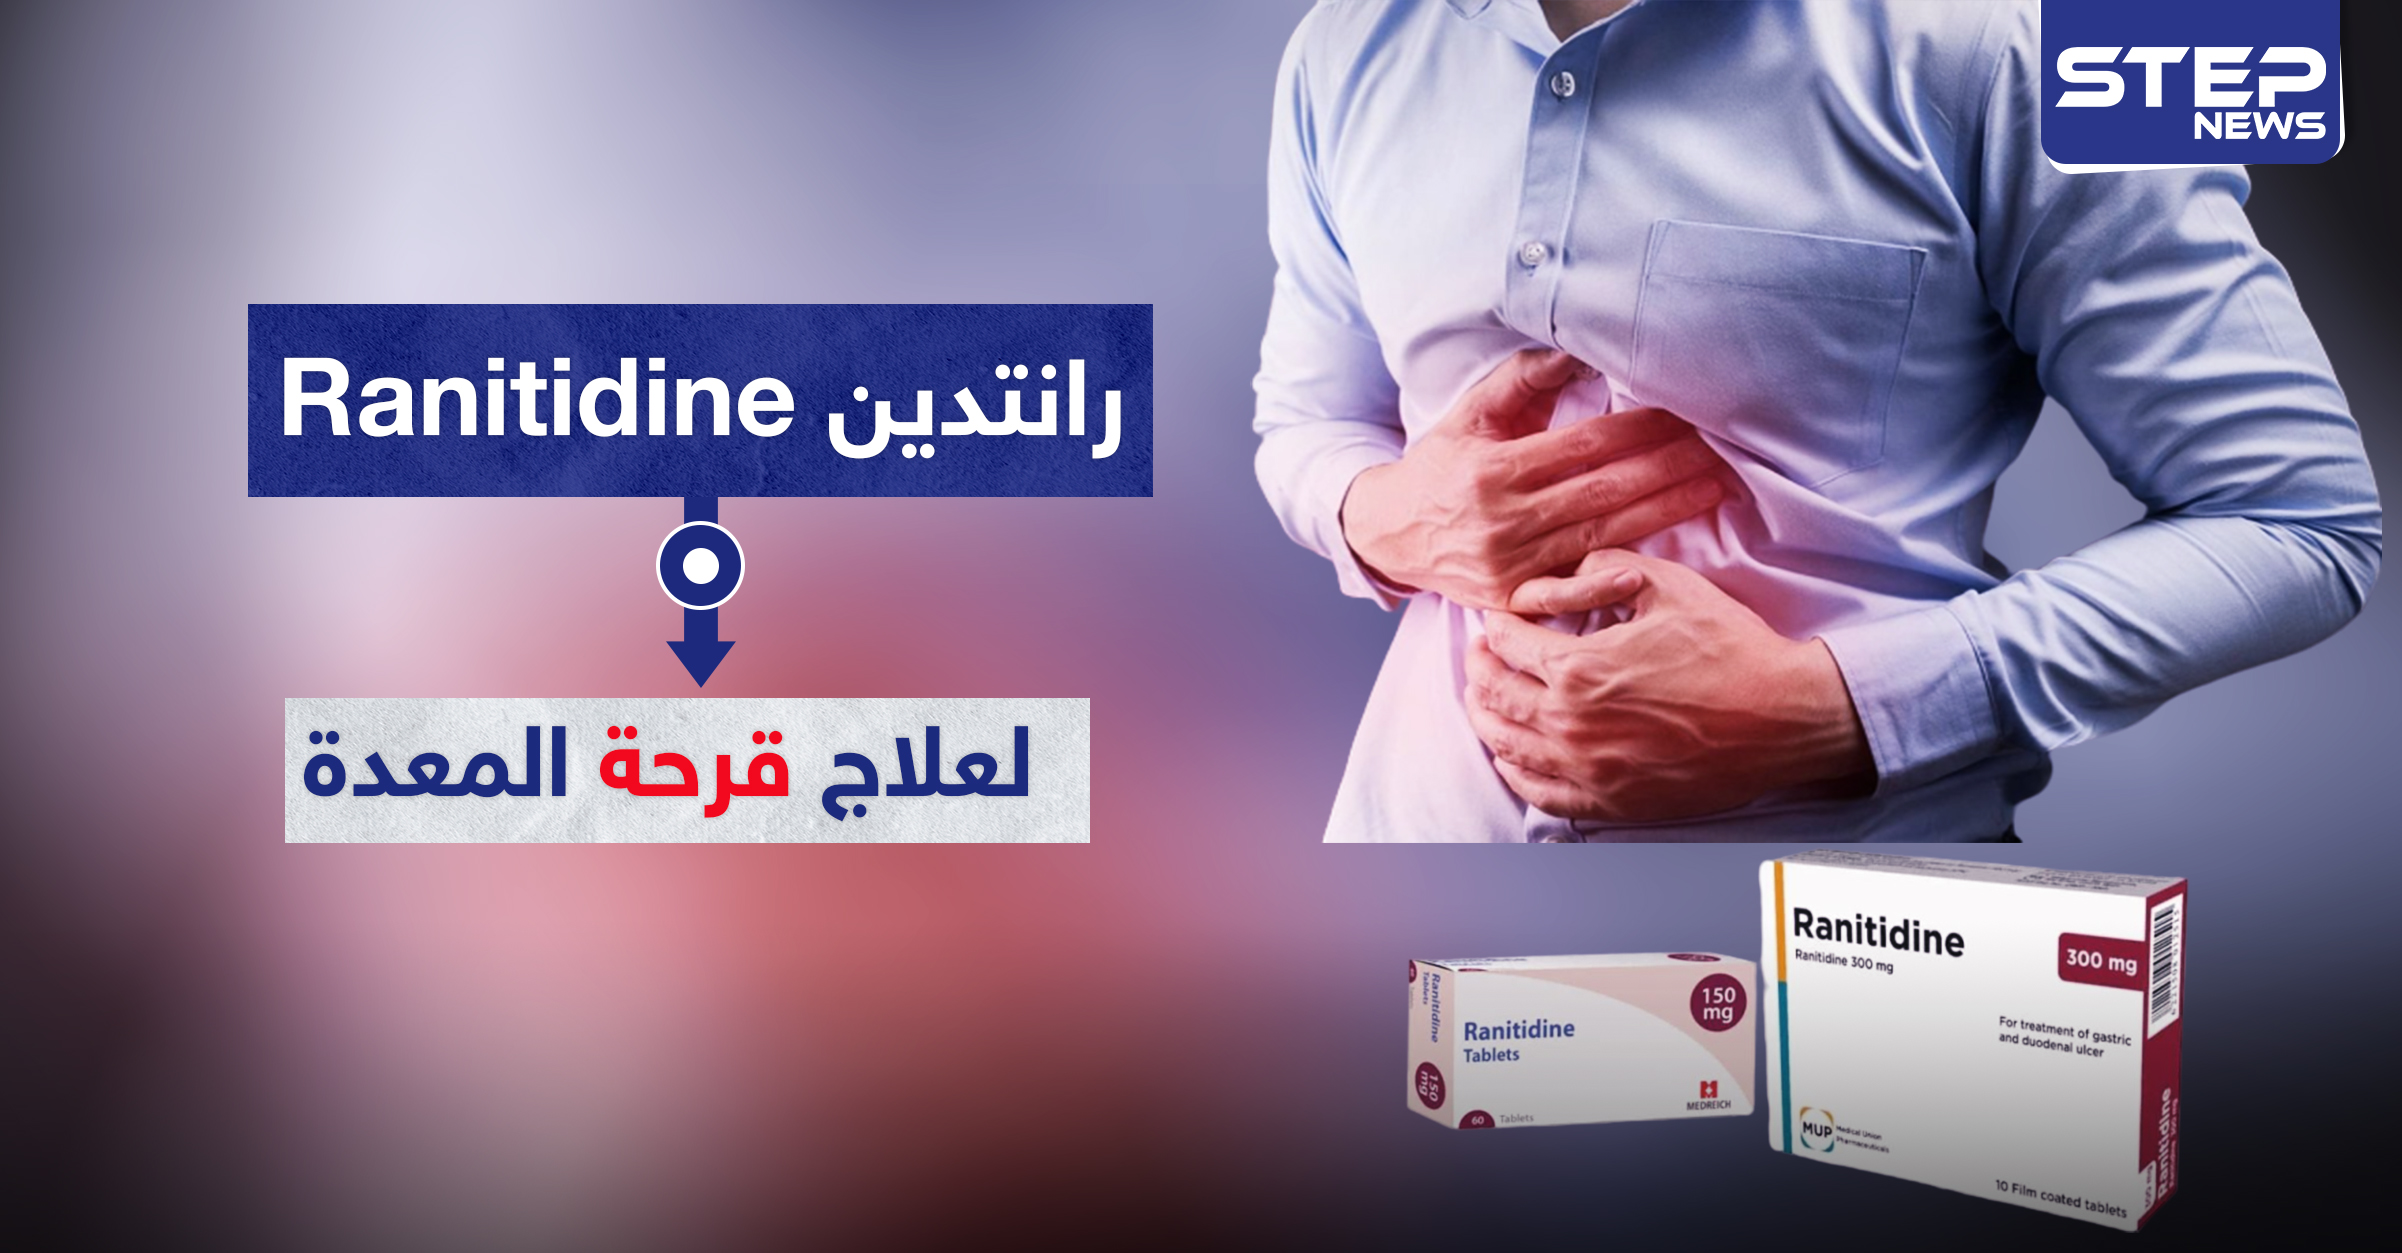 رانتدين Ranitidine لعلاج قرحة المعدة